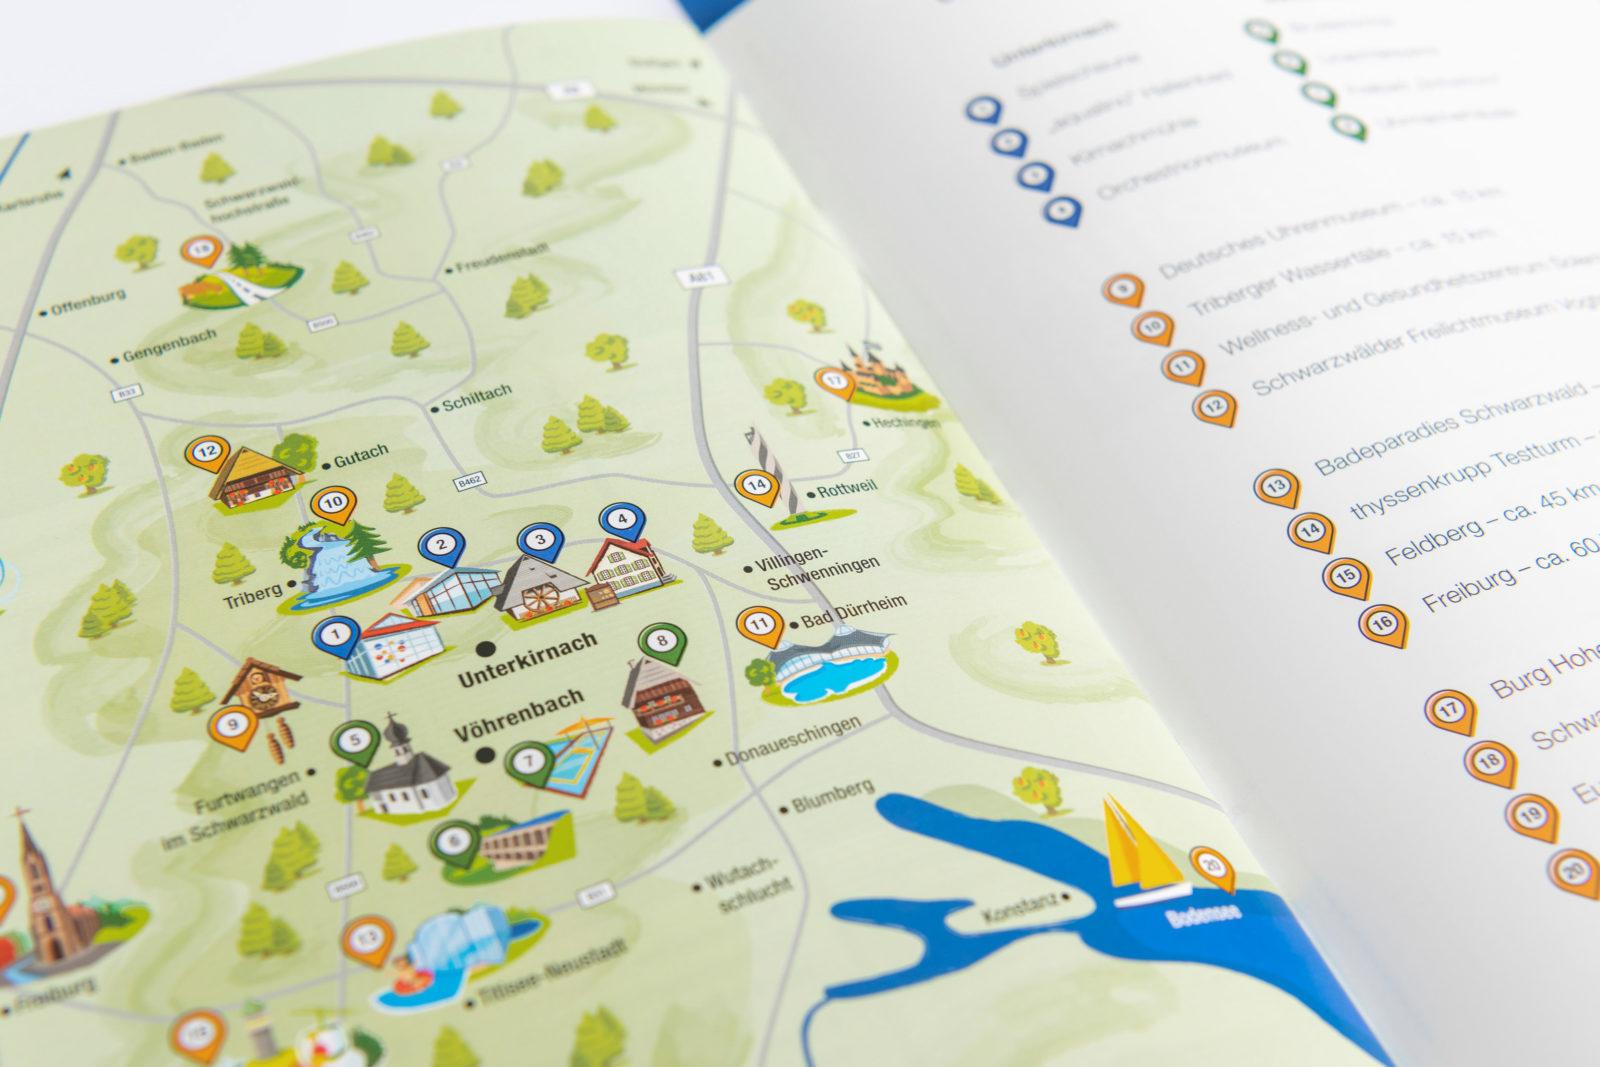 Unterkirnach Karte Ausflugsziele